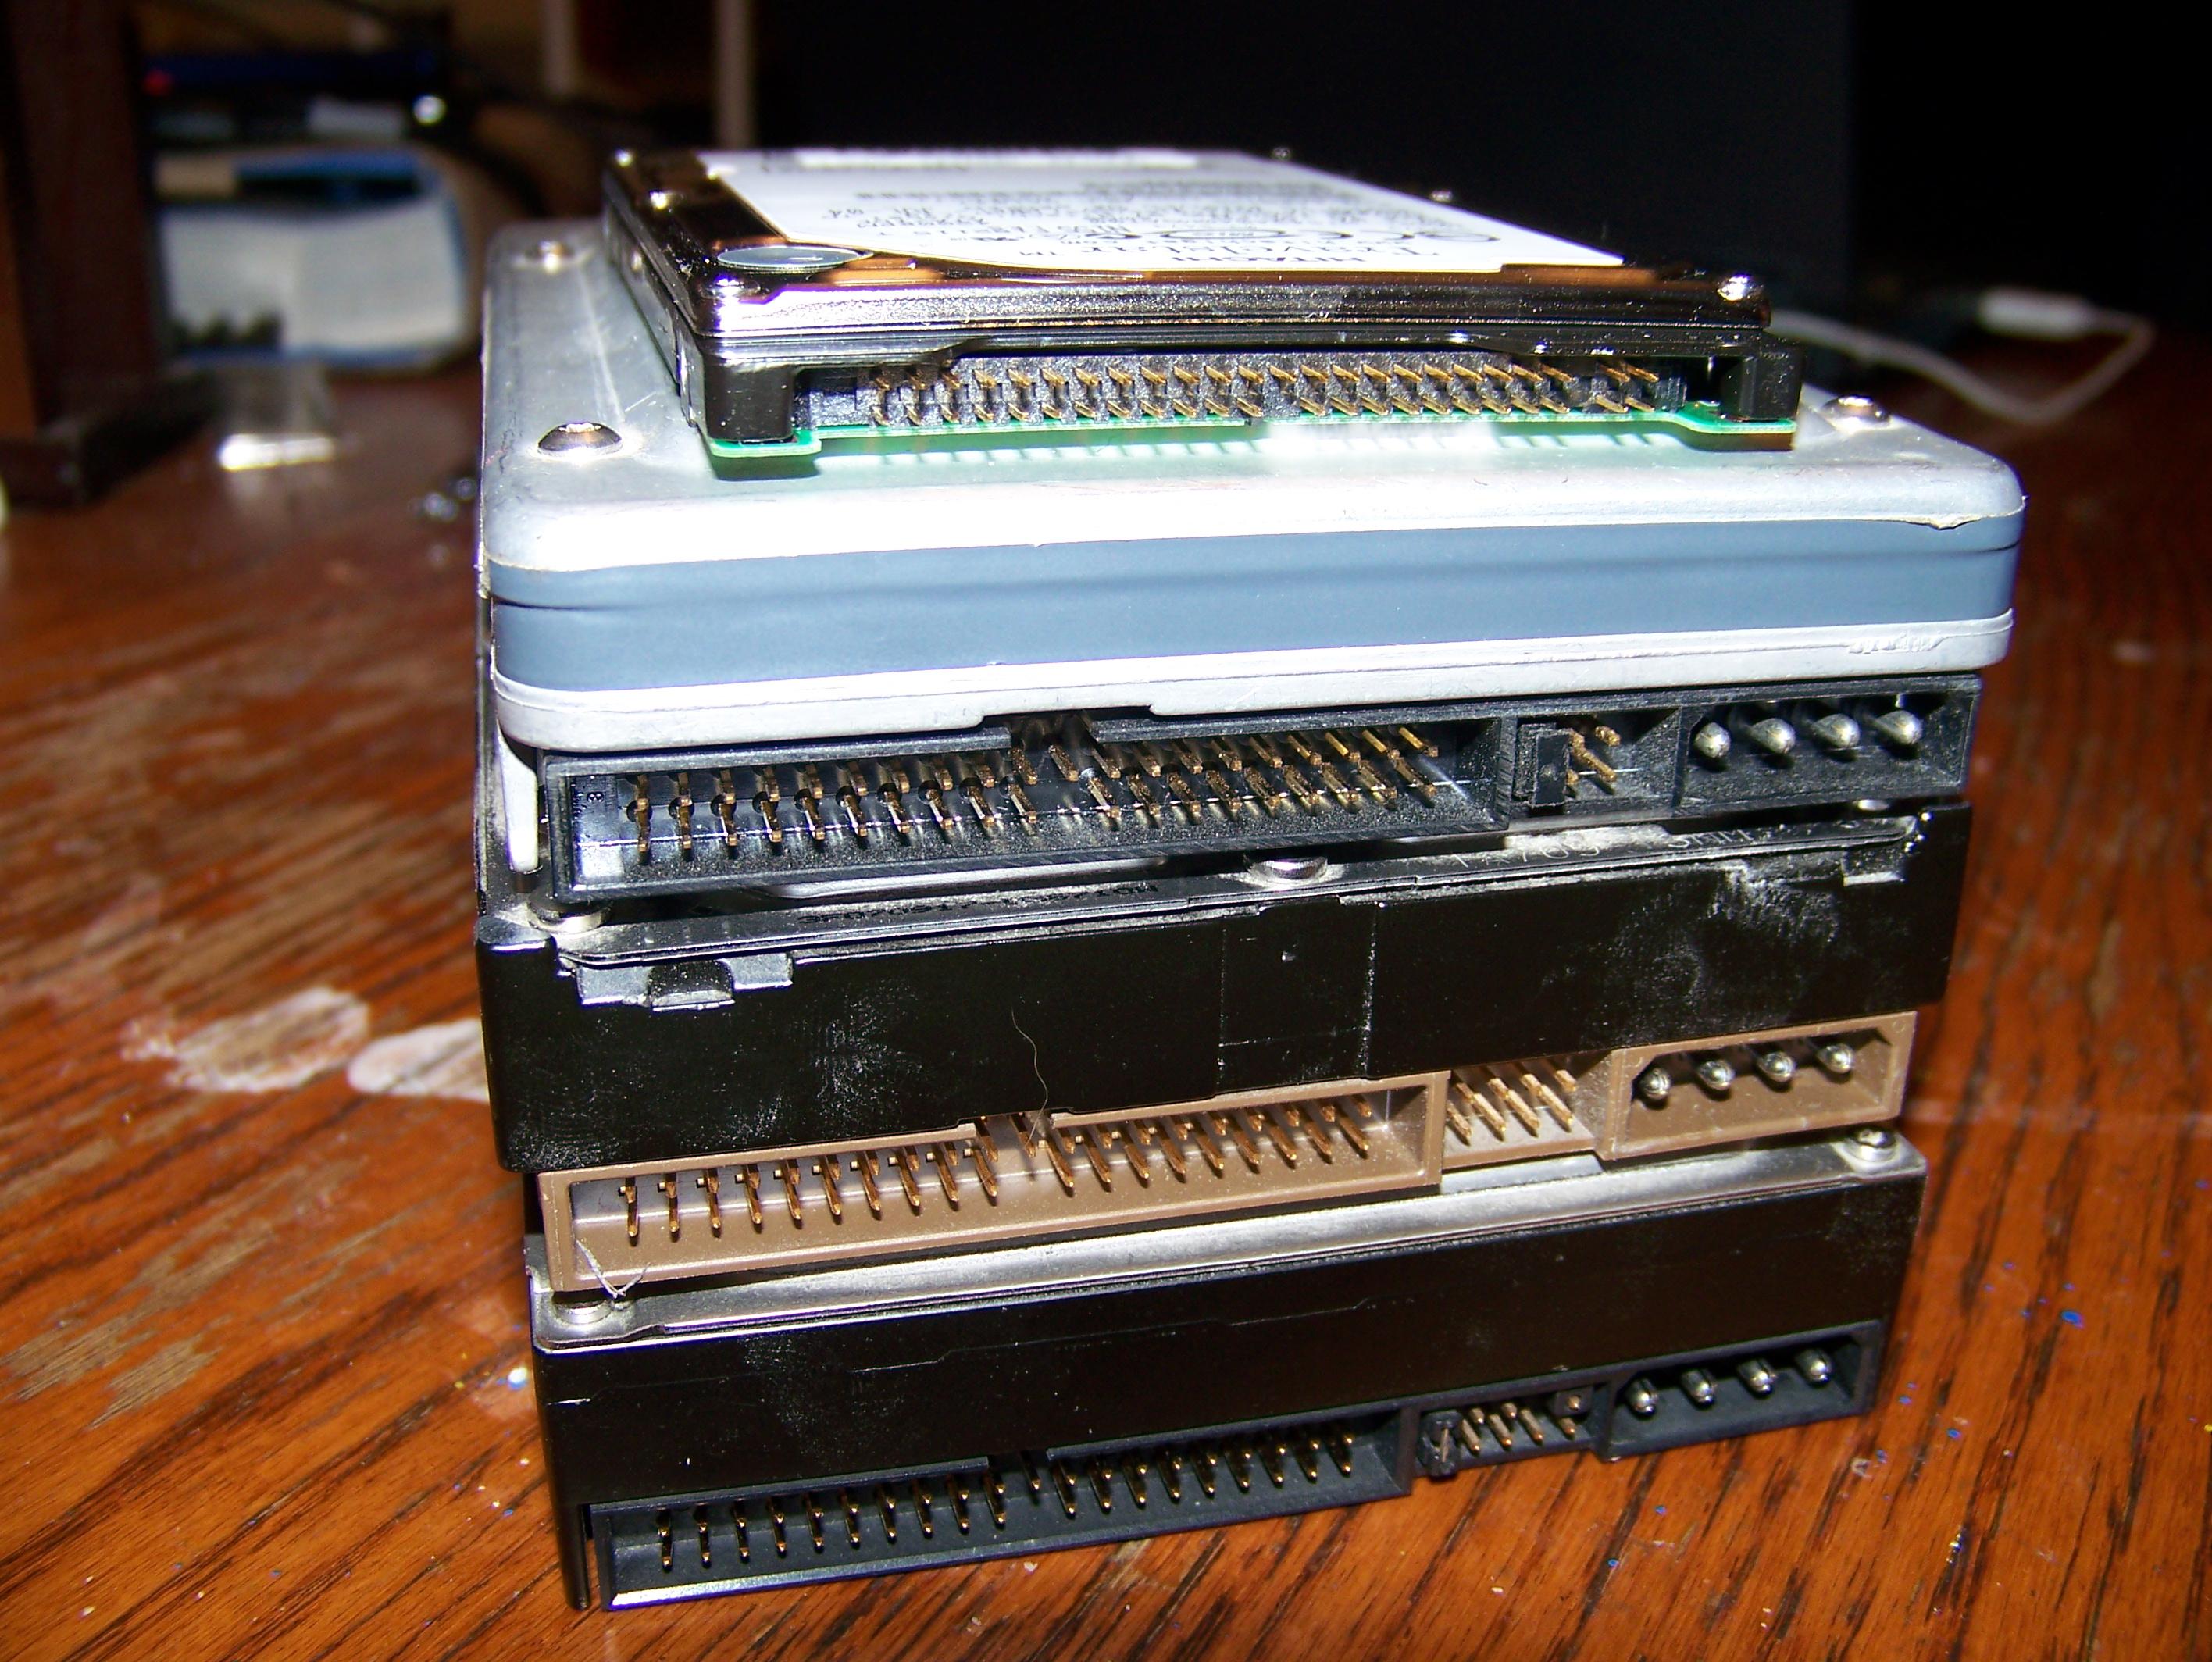 Several Parallel ATA hard disk drives